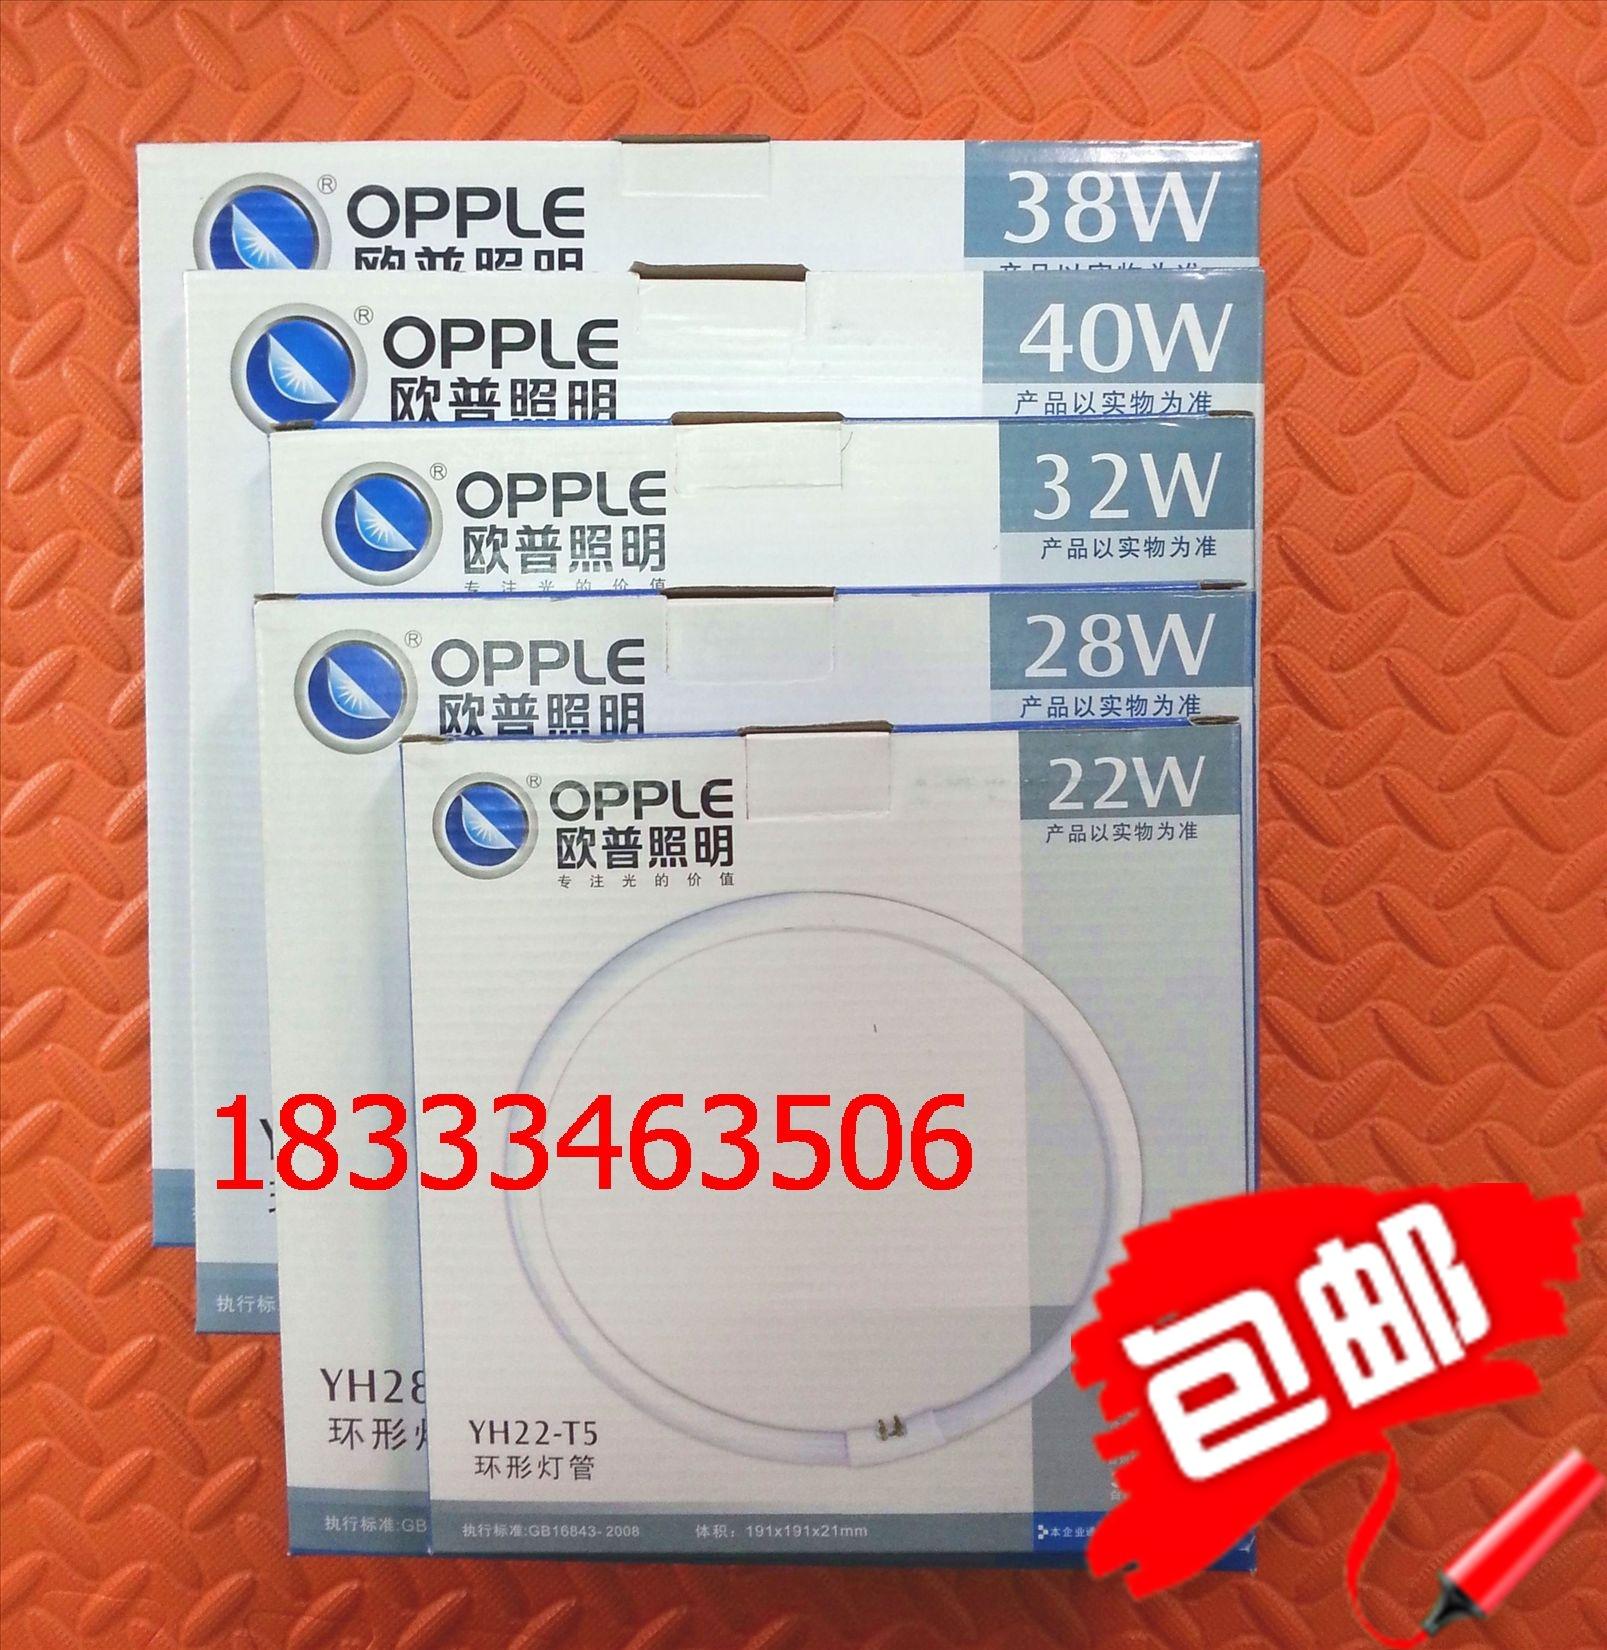 欧普照明YH40-T6T522W32W38W40w环形圆形灯管三基色吸顶灯管正品